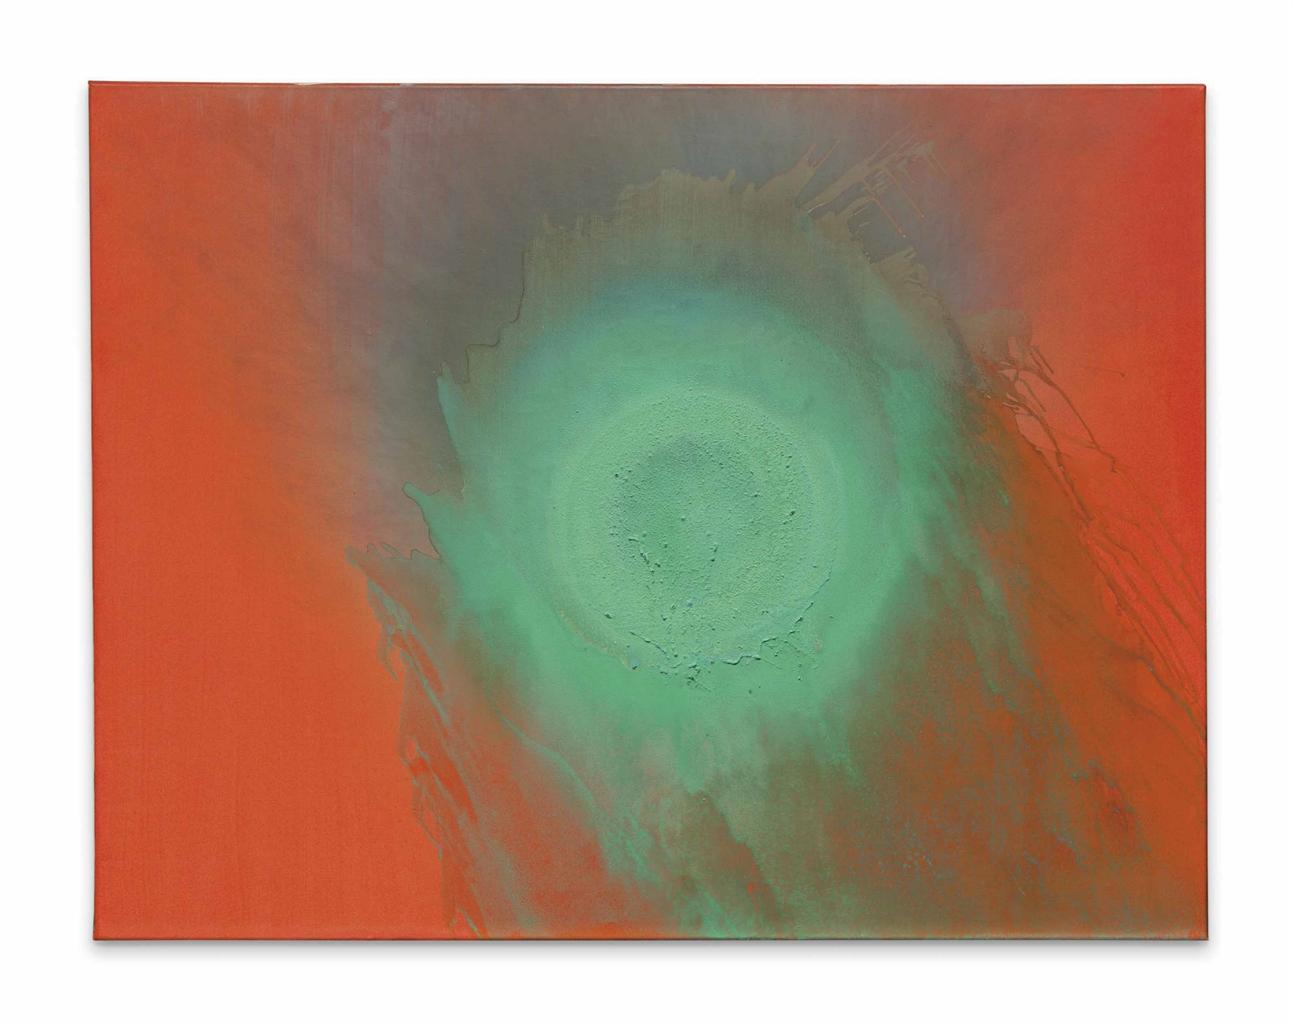 Otto Piene-Bios-1992